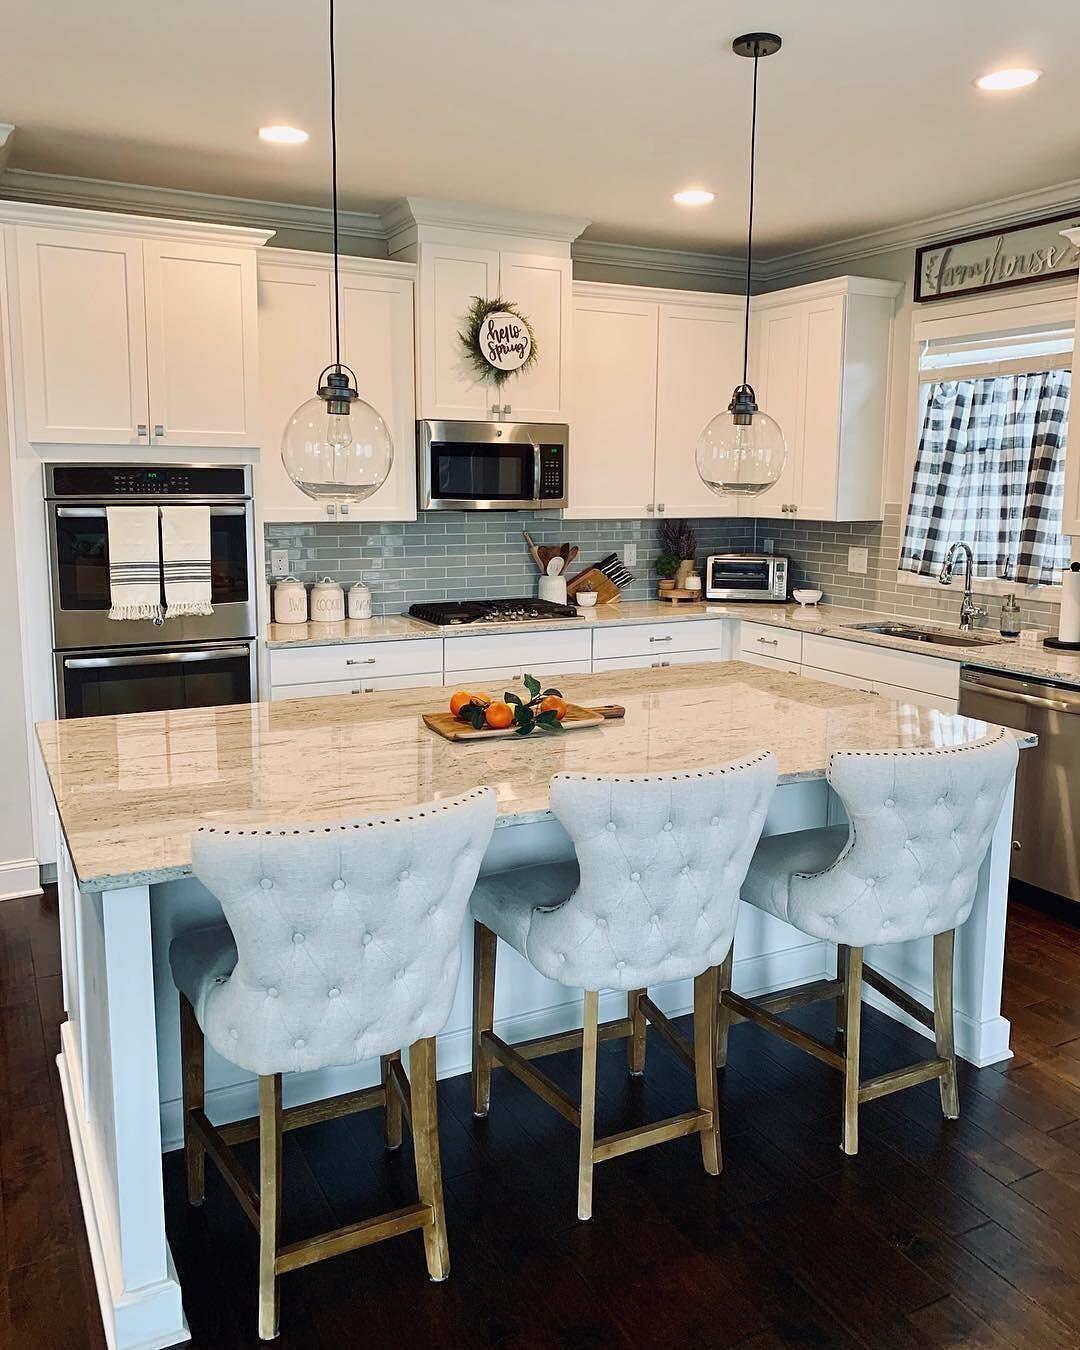 Wayfair On Instagram Casagrella S Glimmering Kitchen Island And